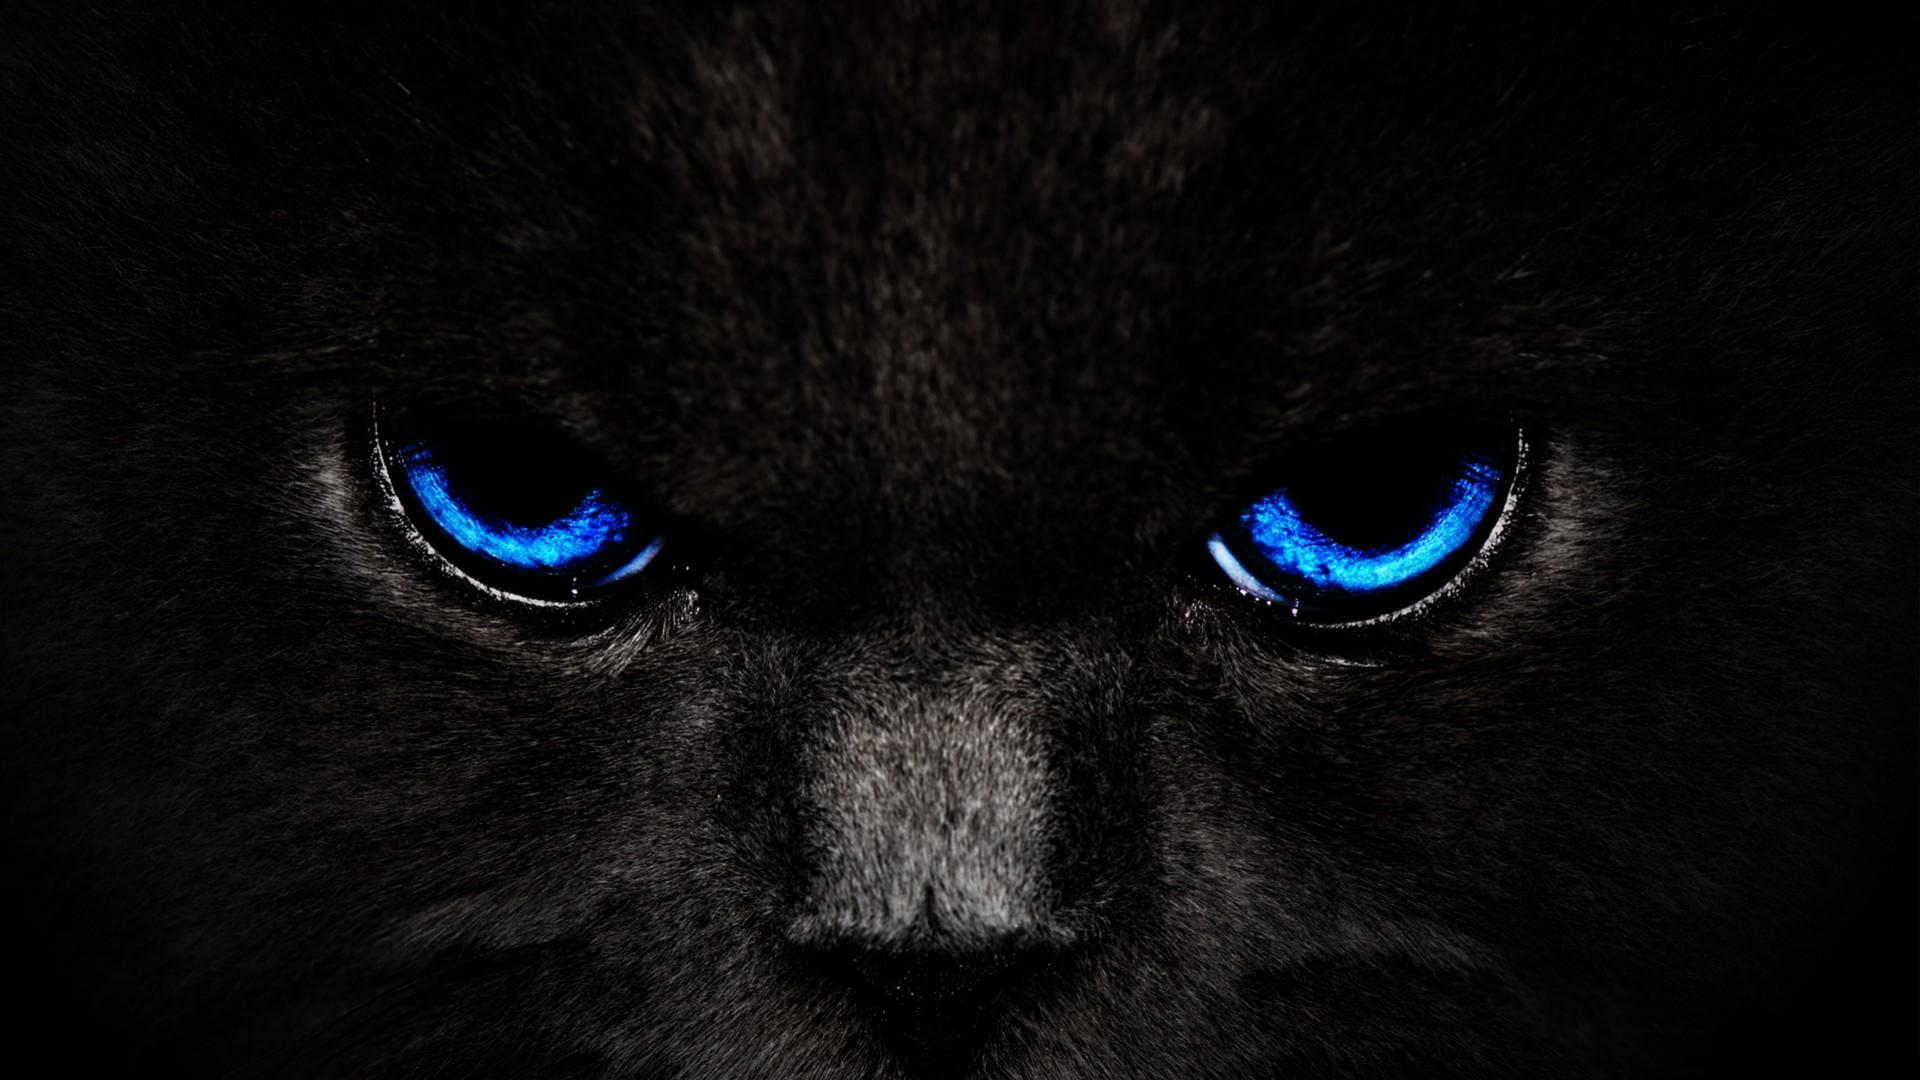 обои на рабочий стол глаза кошки на темном фоне № 237949 загрузить